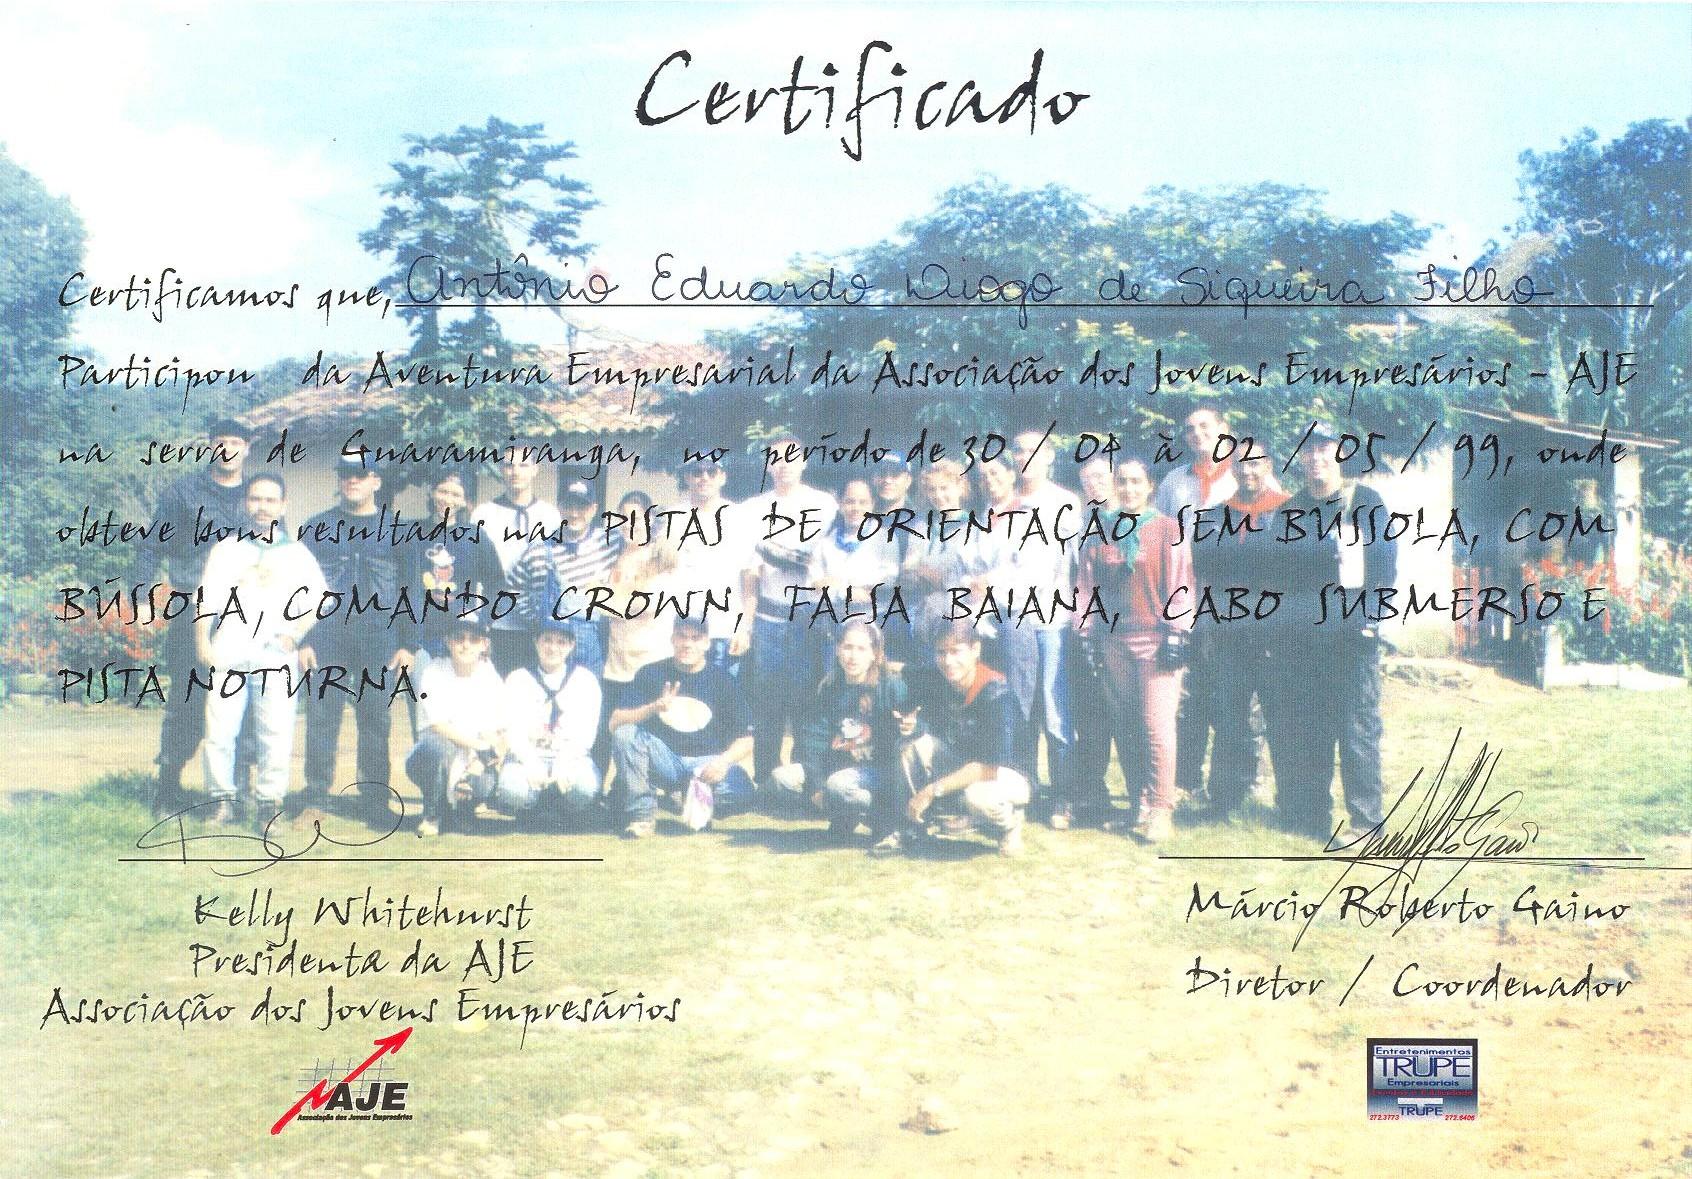 1999 Certificado AJE Aventura Empresarial